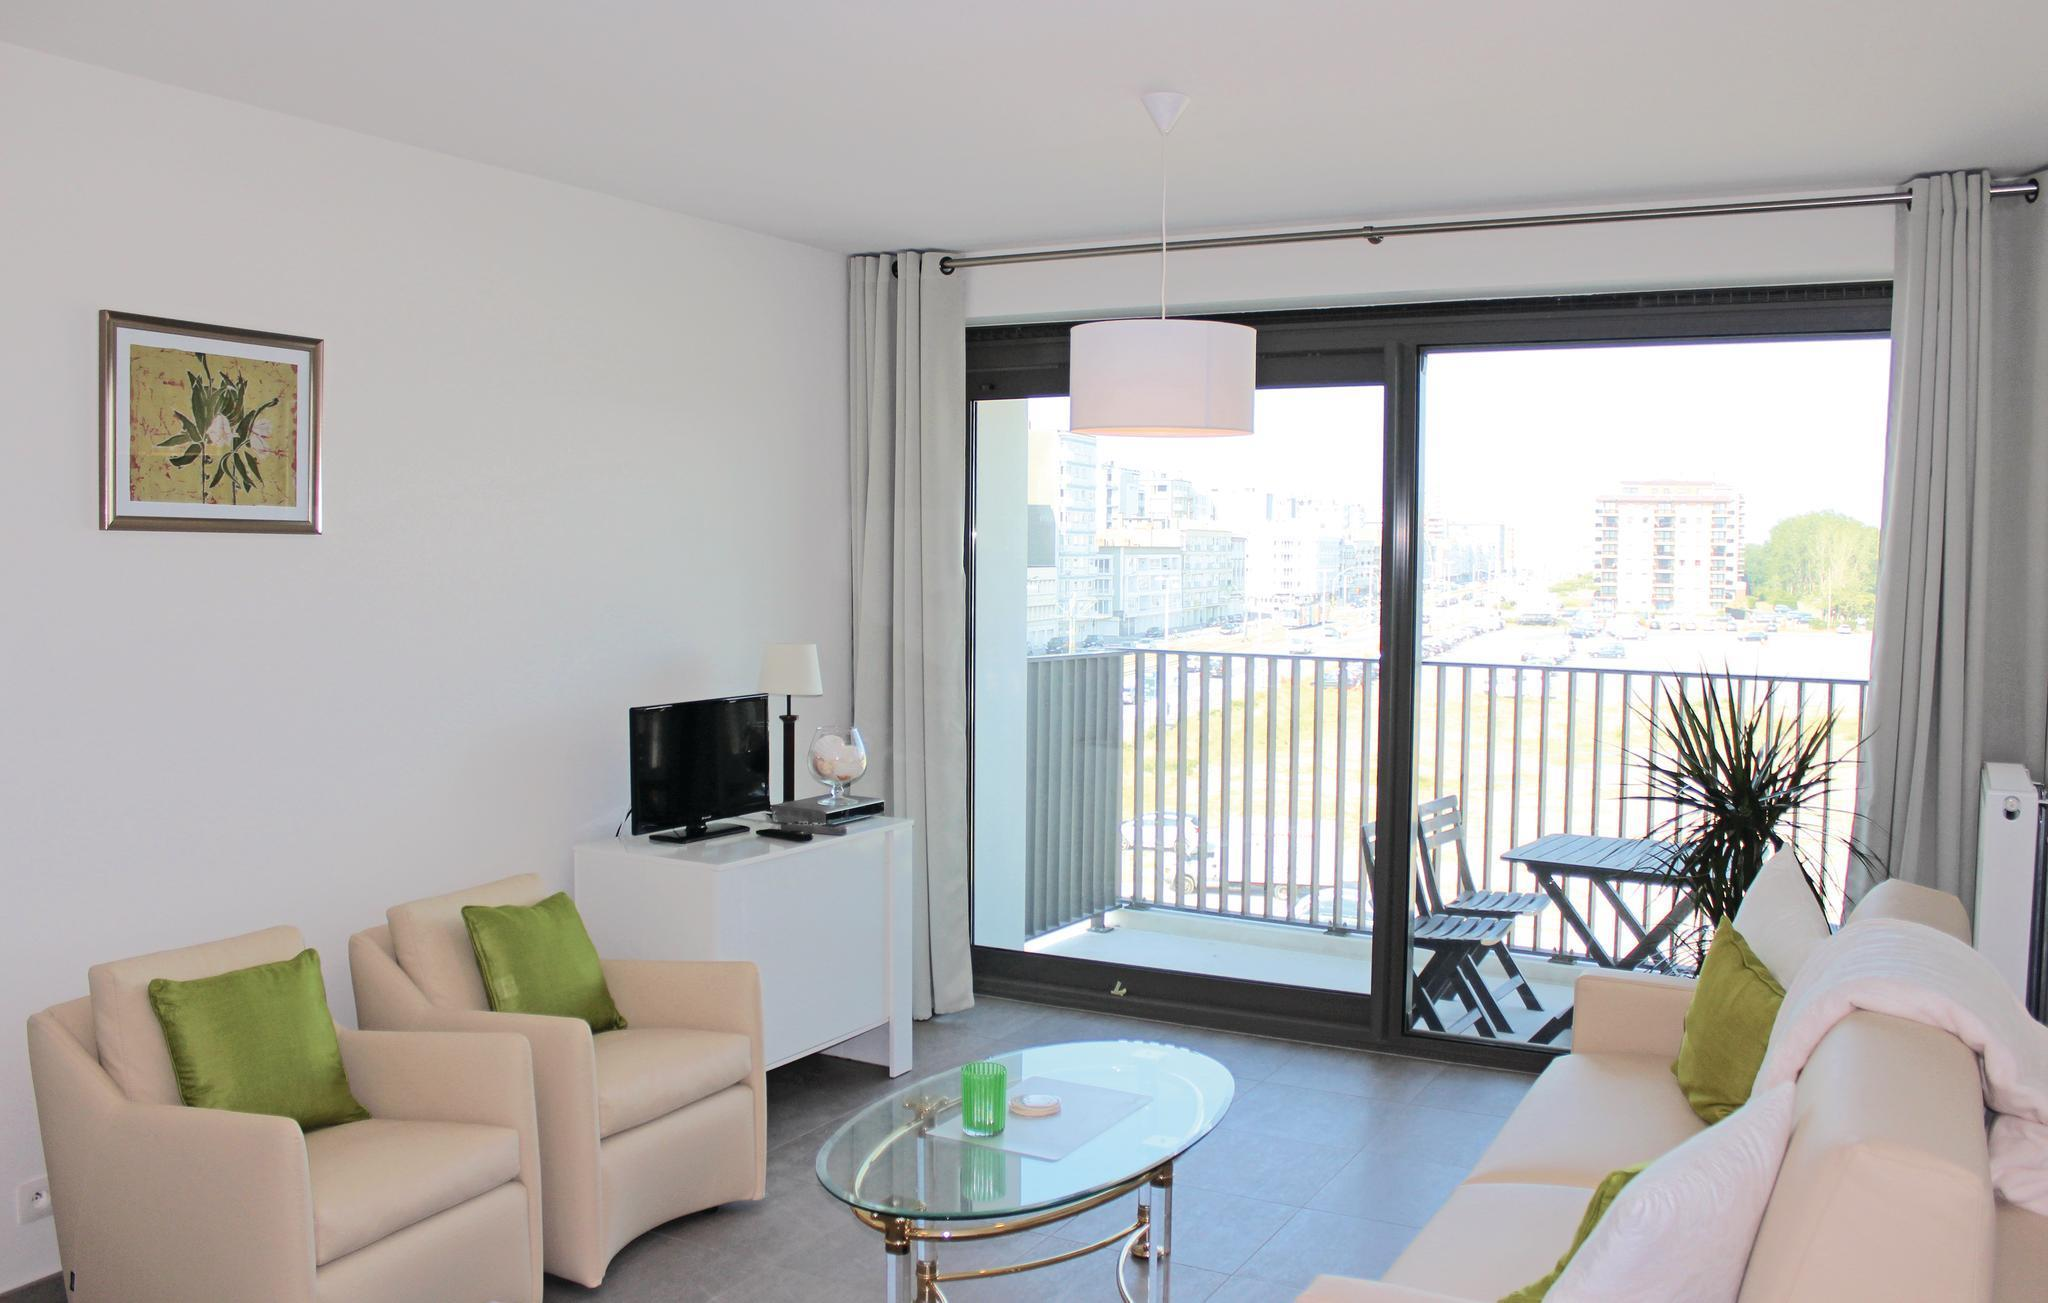 Ferienhaus 6 Personen Wielingenstraat Oostende 8400